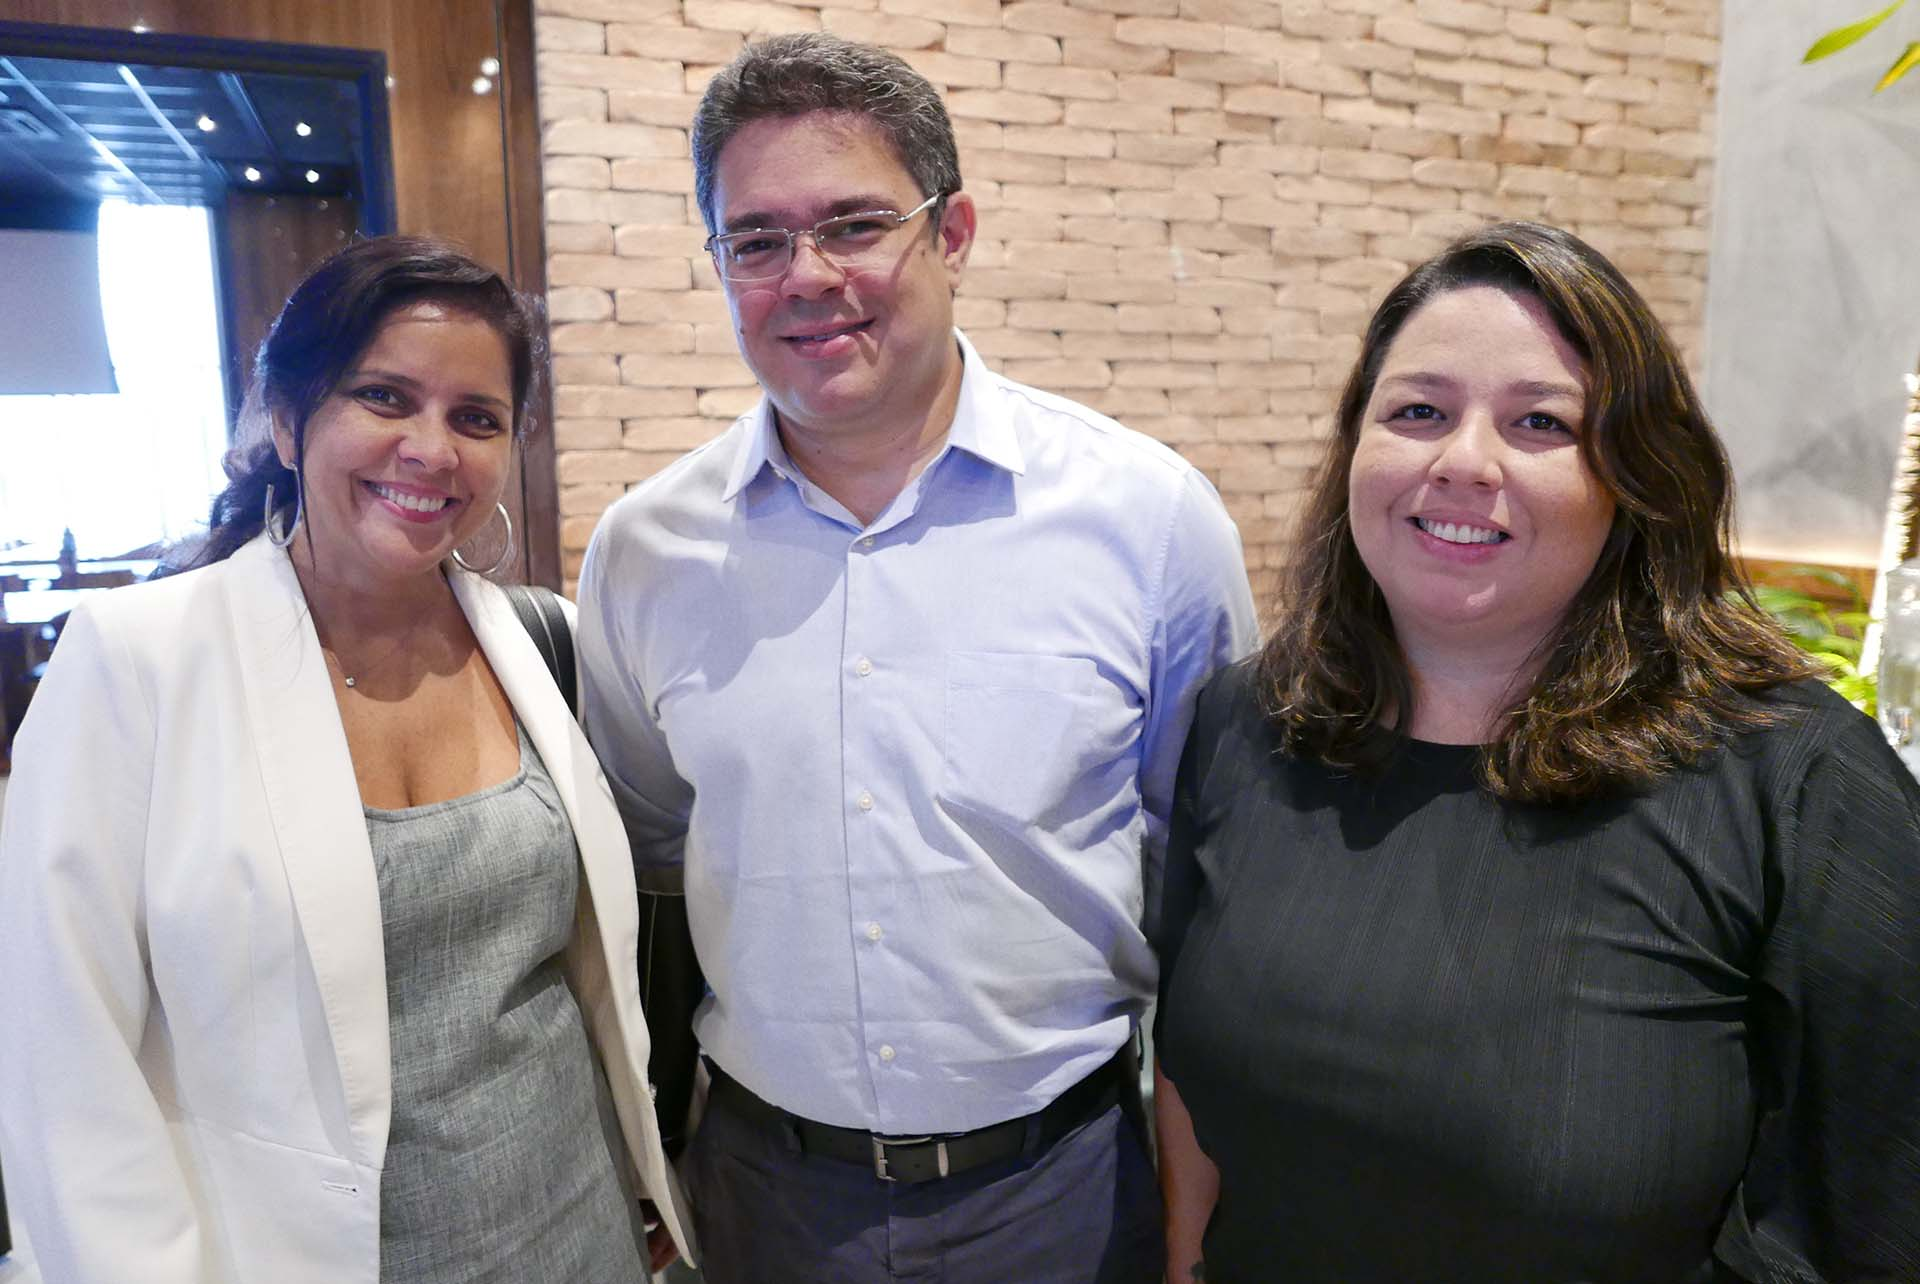 Luciana Oliveira e Rodrigo Lins, do Nannai Resort & SPa; e Jéssica Carvalho, da rede hoteleira Maceió Mar